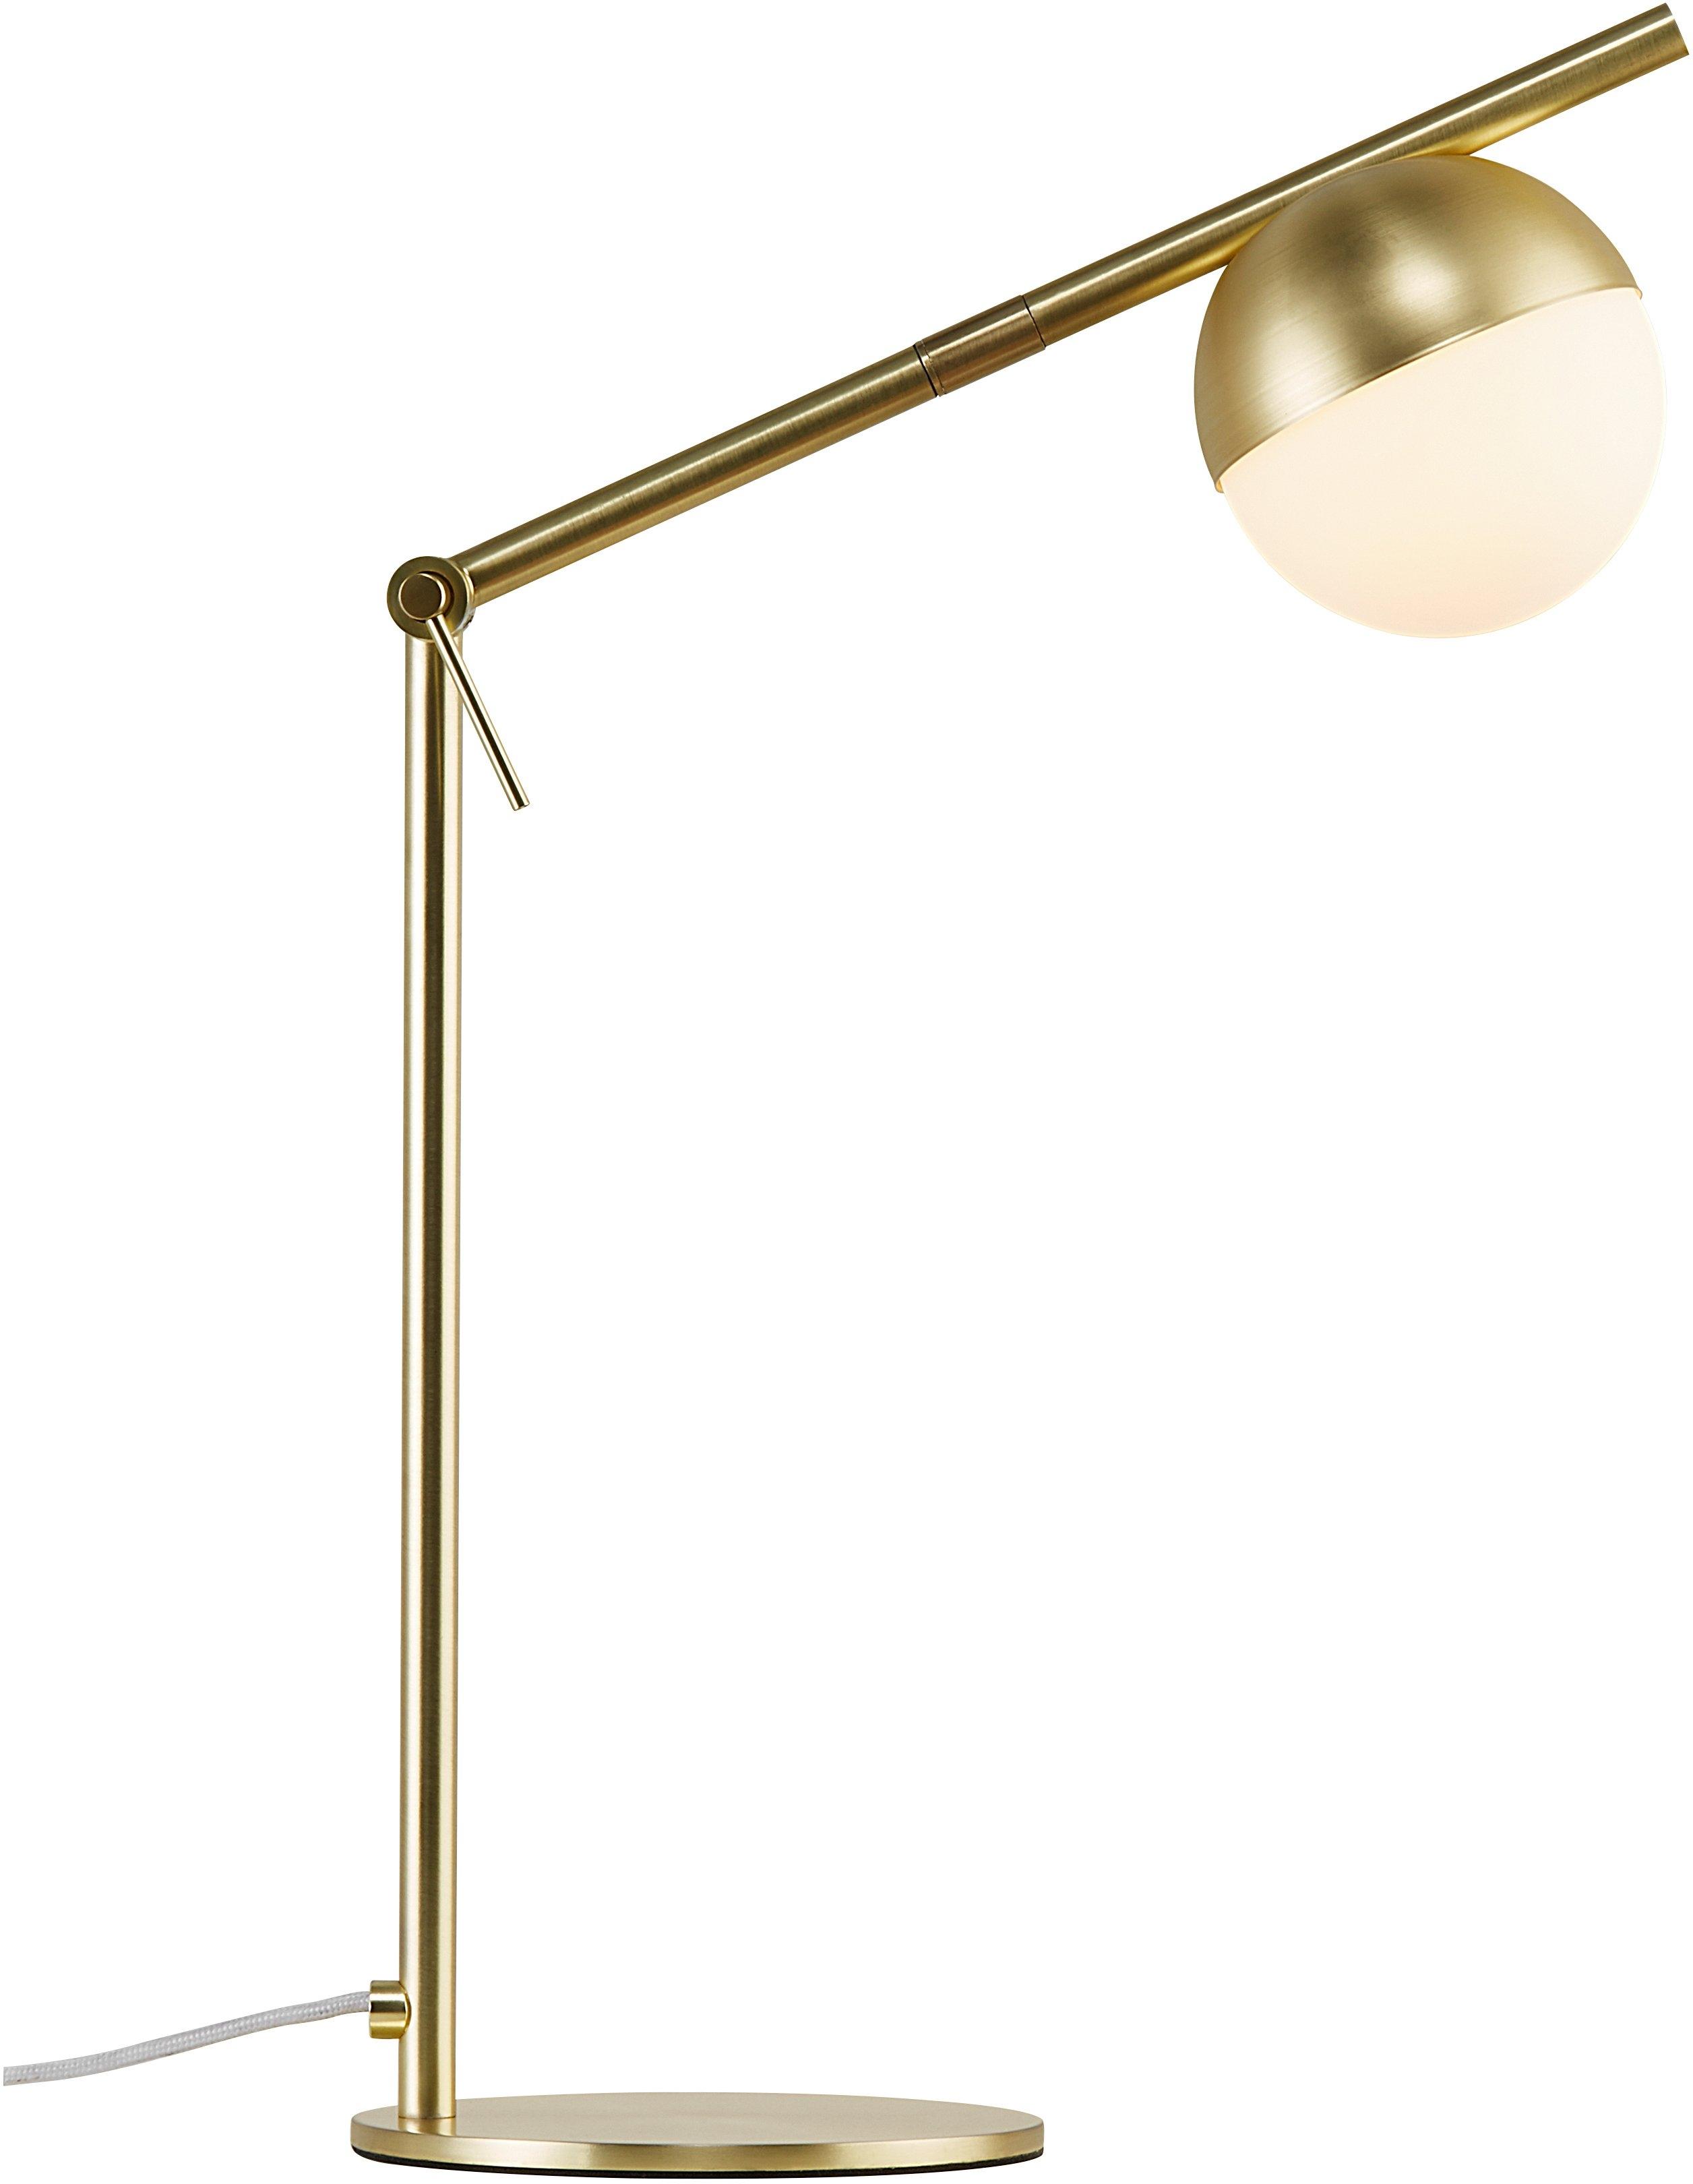 Op zoek naar een Nordlux tafellamp CONTINA Textiel kabel, met de mond geblazen opaal glas? Koop online bij OTTO